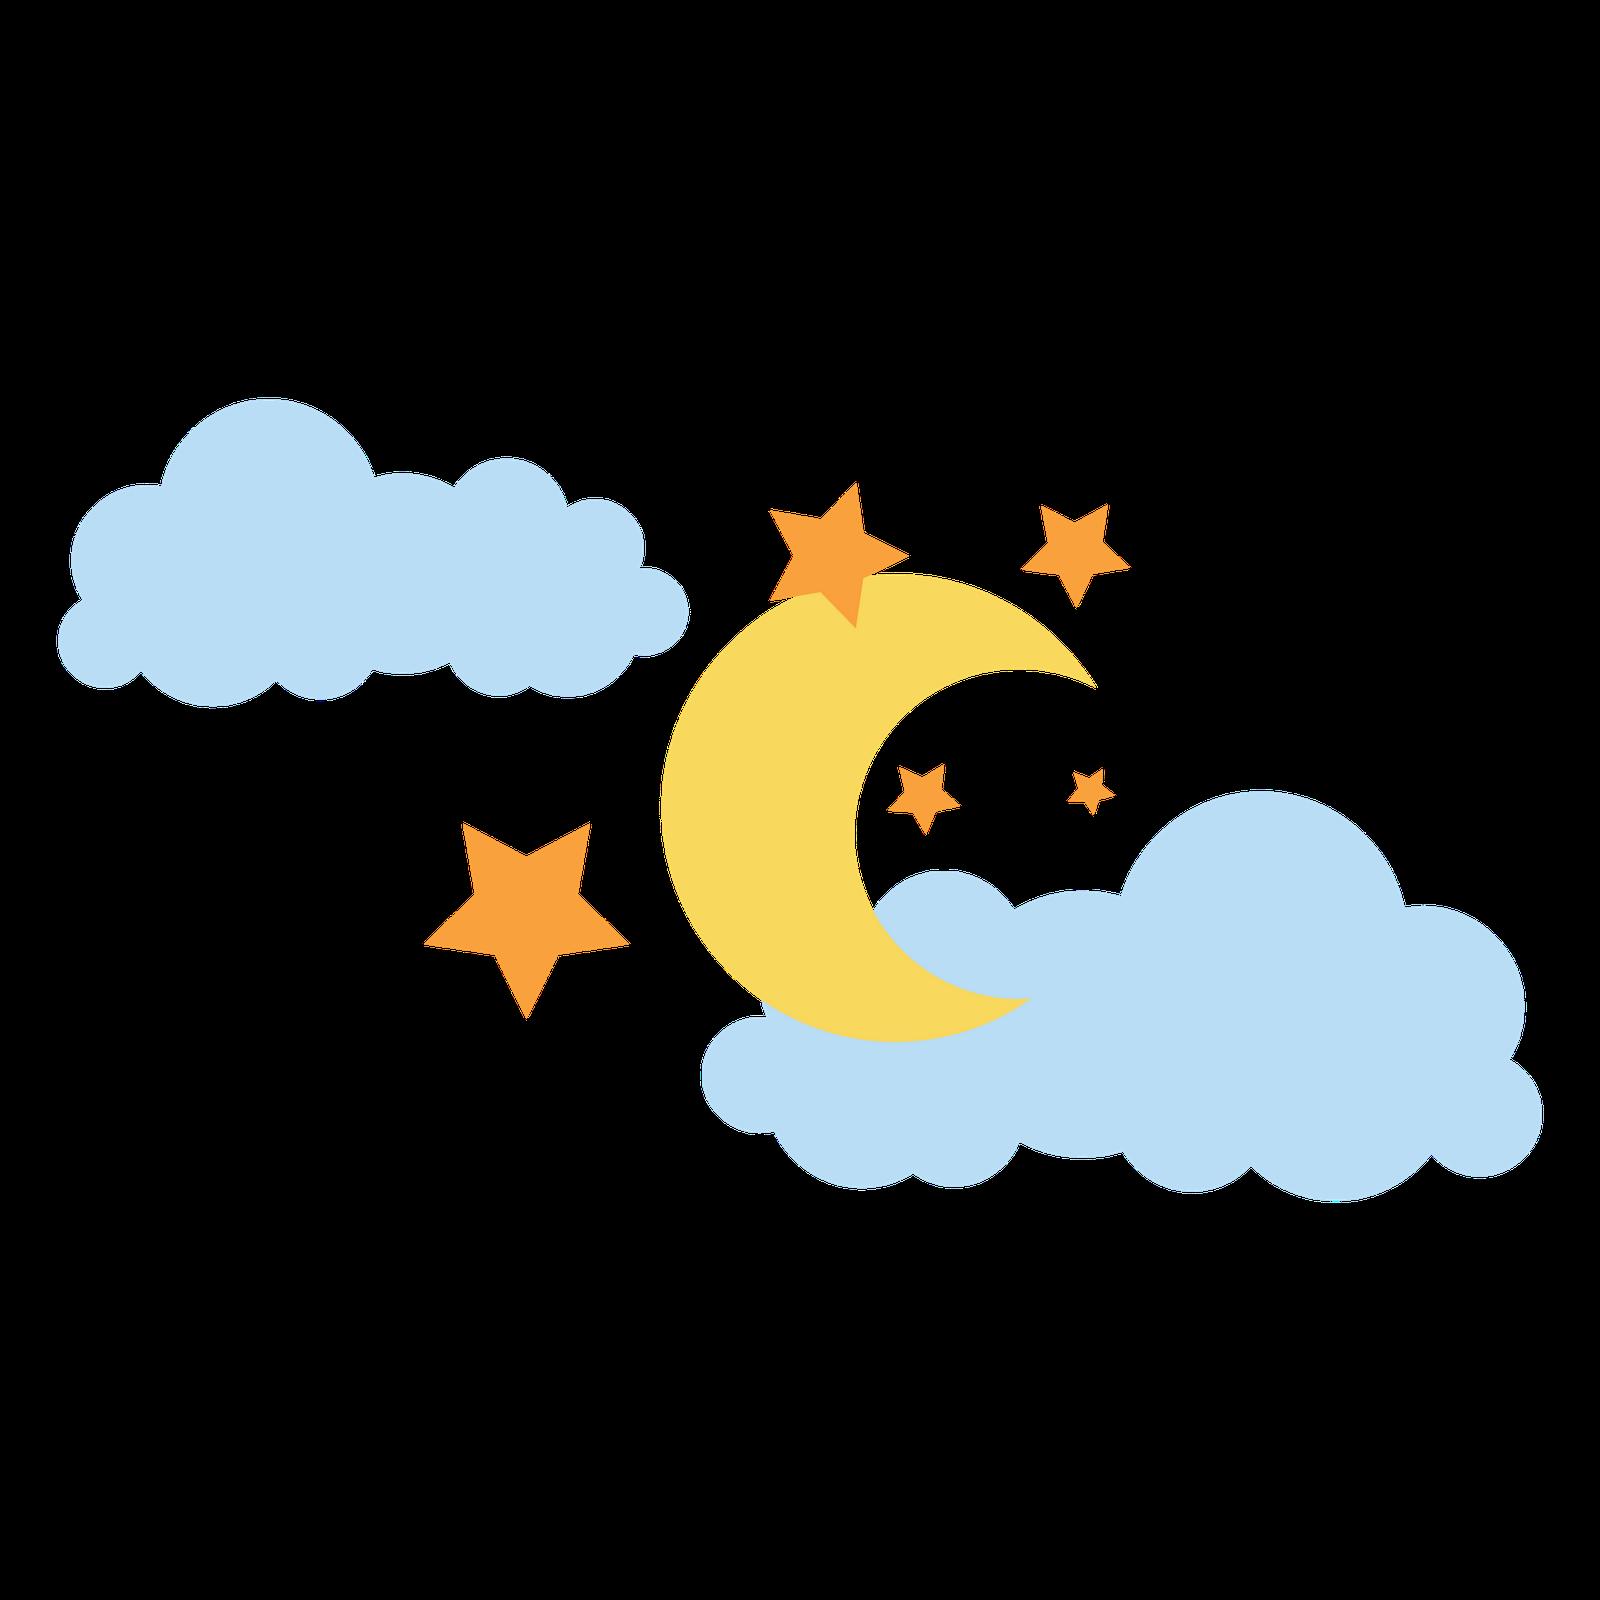 Luna y estrellas animadas - Imagui